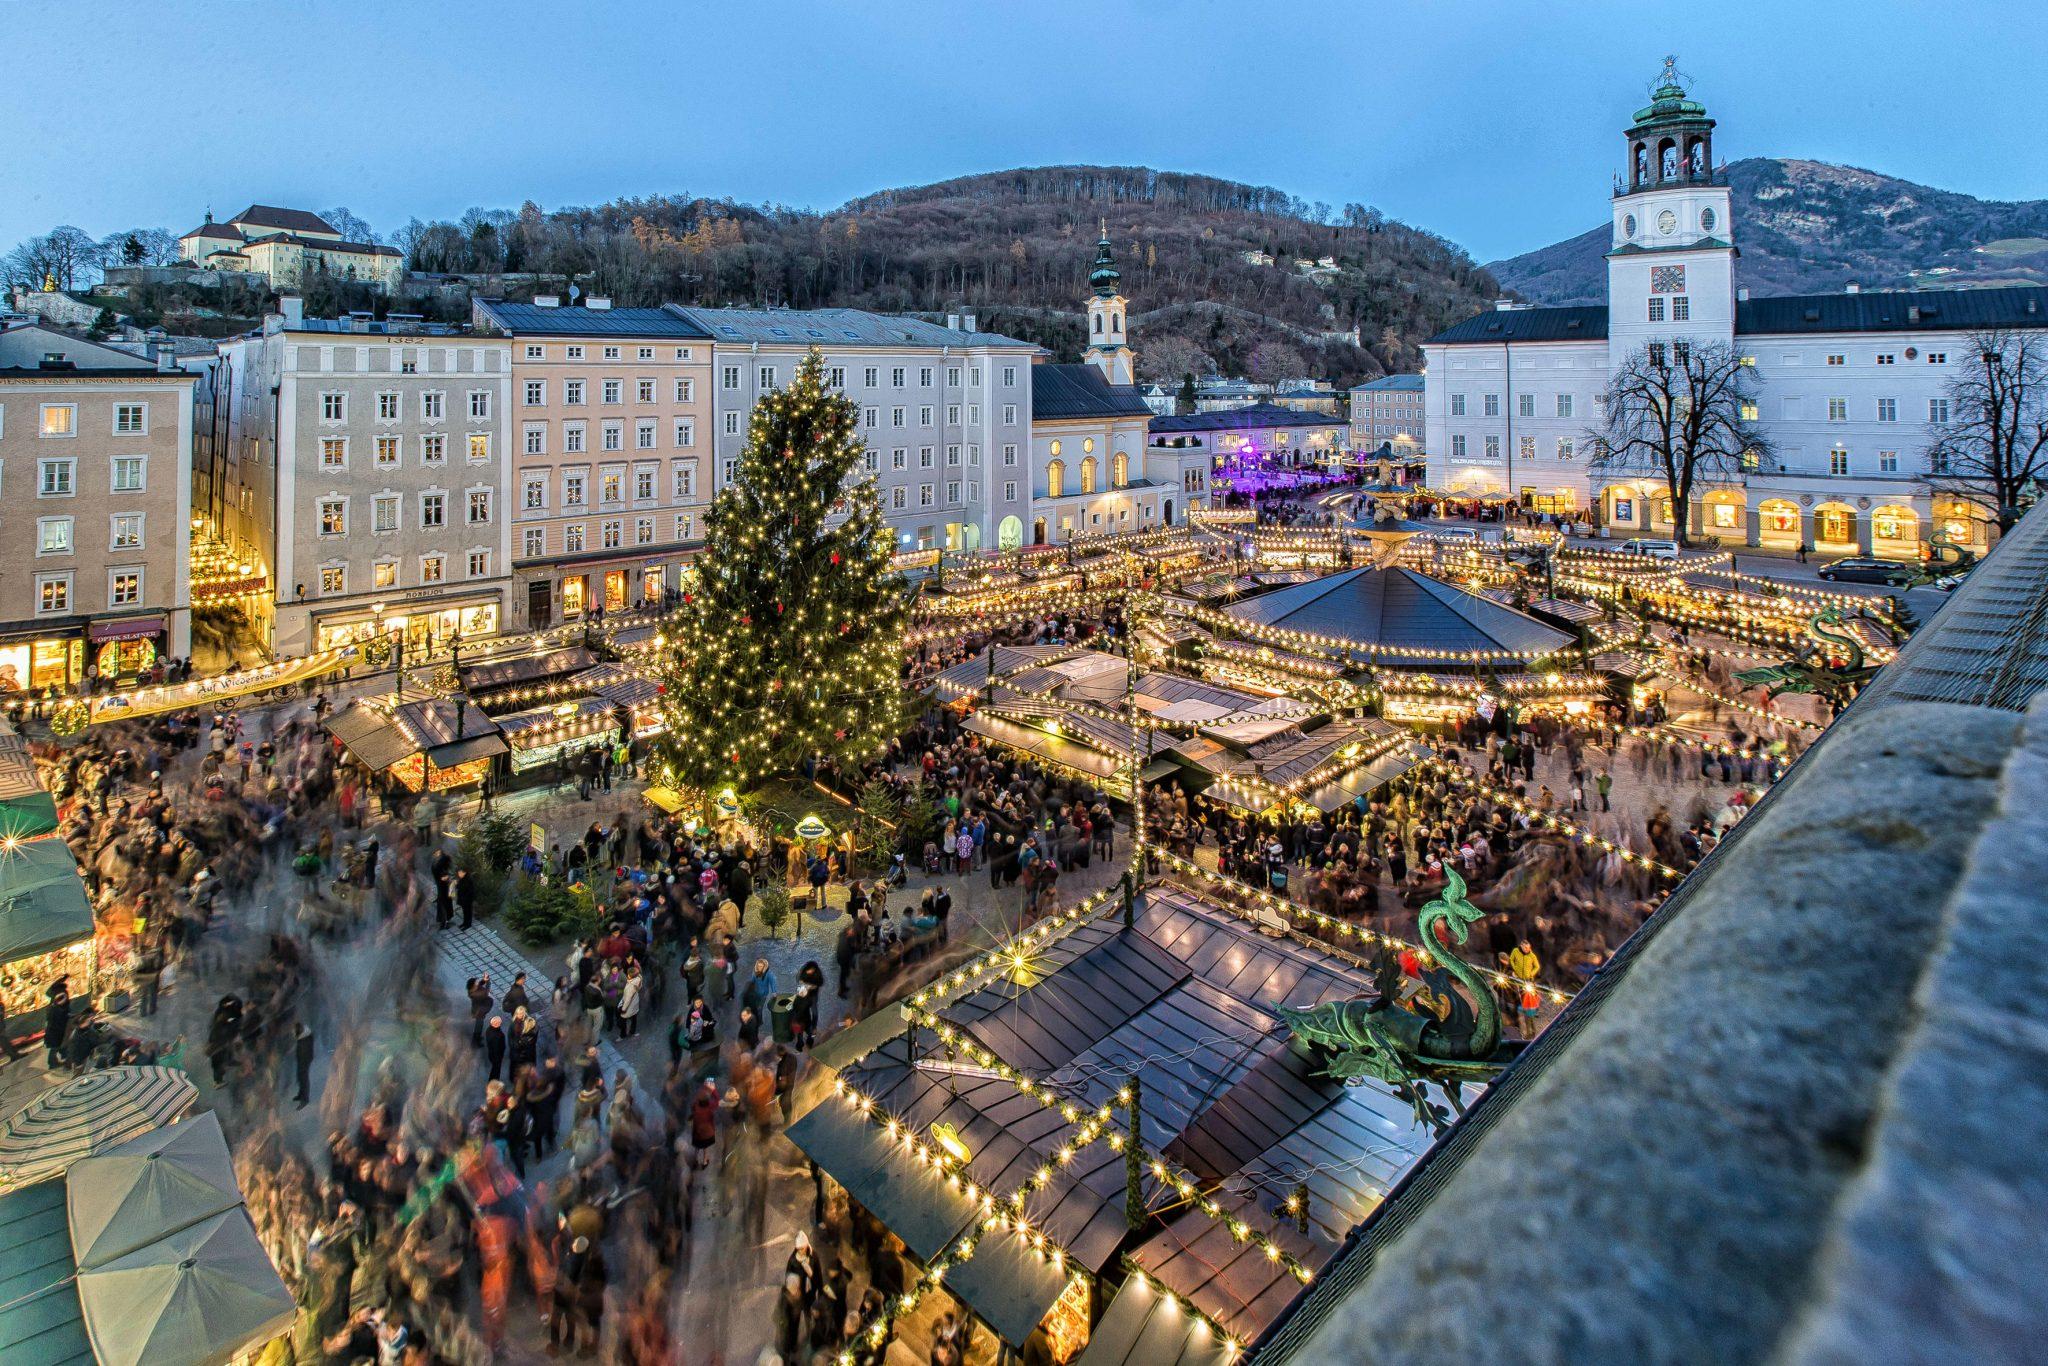 Christkindlmarkt in Salzburg Salzburger Christkindlmarkt Im Bild Touristen, Besucher, Beleuchtung, Stimmung, Adventmarkt Franz Neumayr 7.12.2015